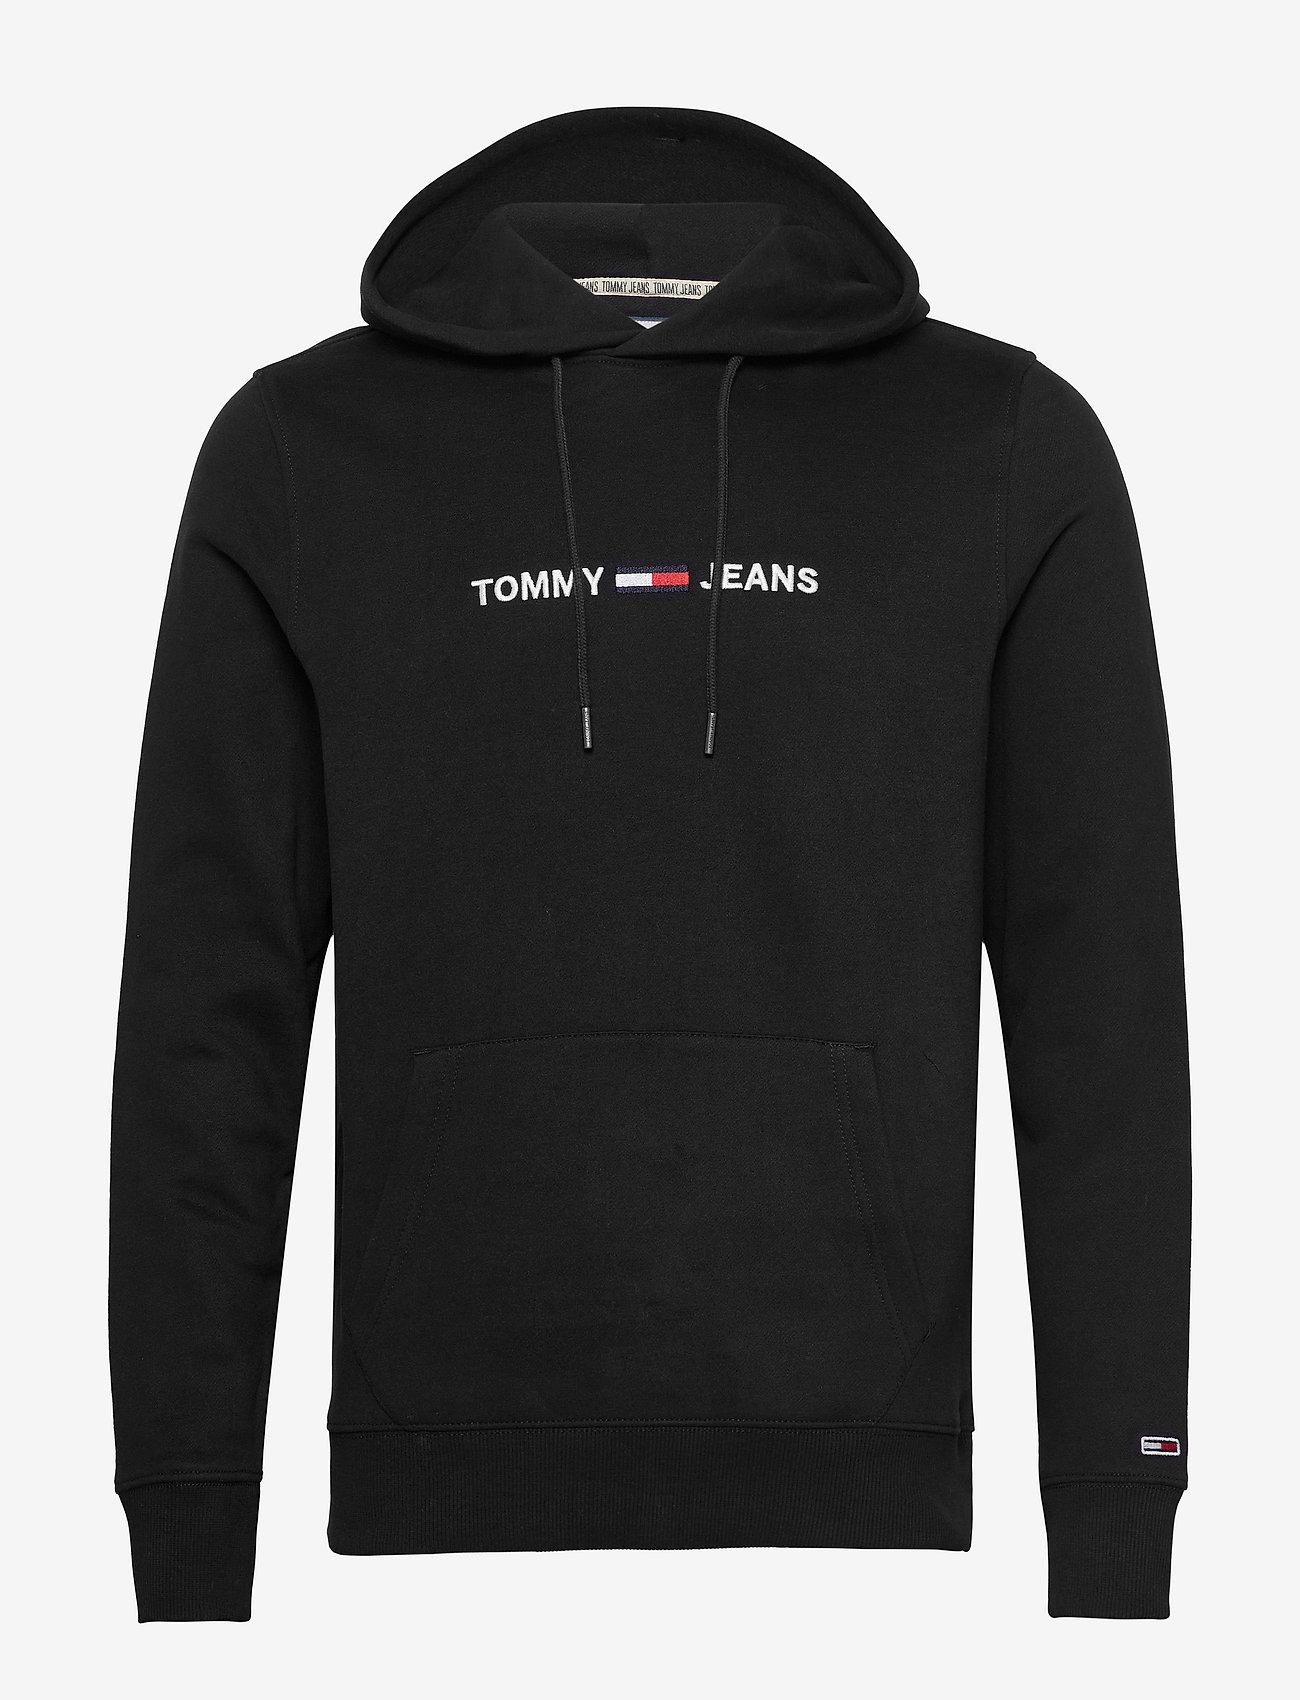 Tommy Jeans - TJM STRAIGHT LOGO HOODIE - hoodies - black - 0